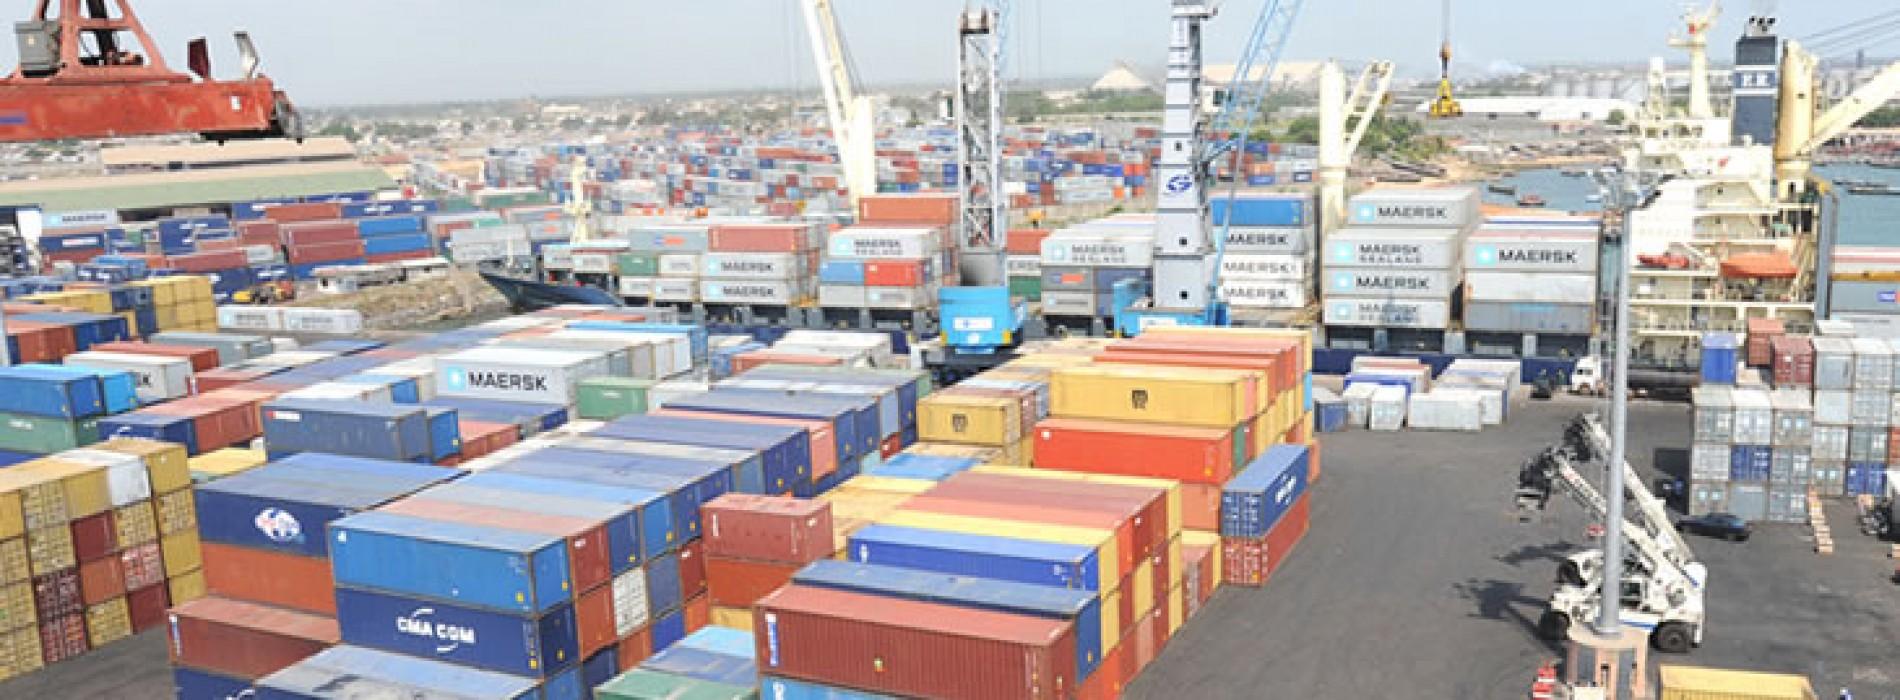 Ghana, Togo to sign maritime boundary treaty 2019